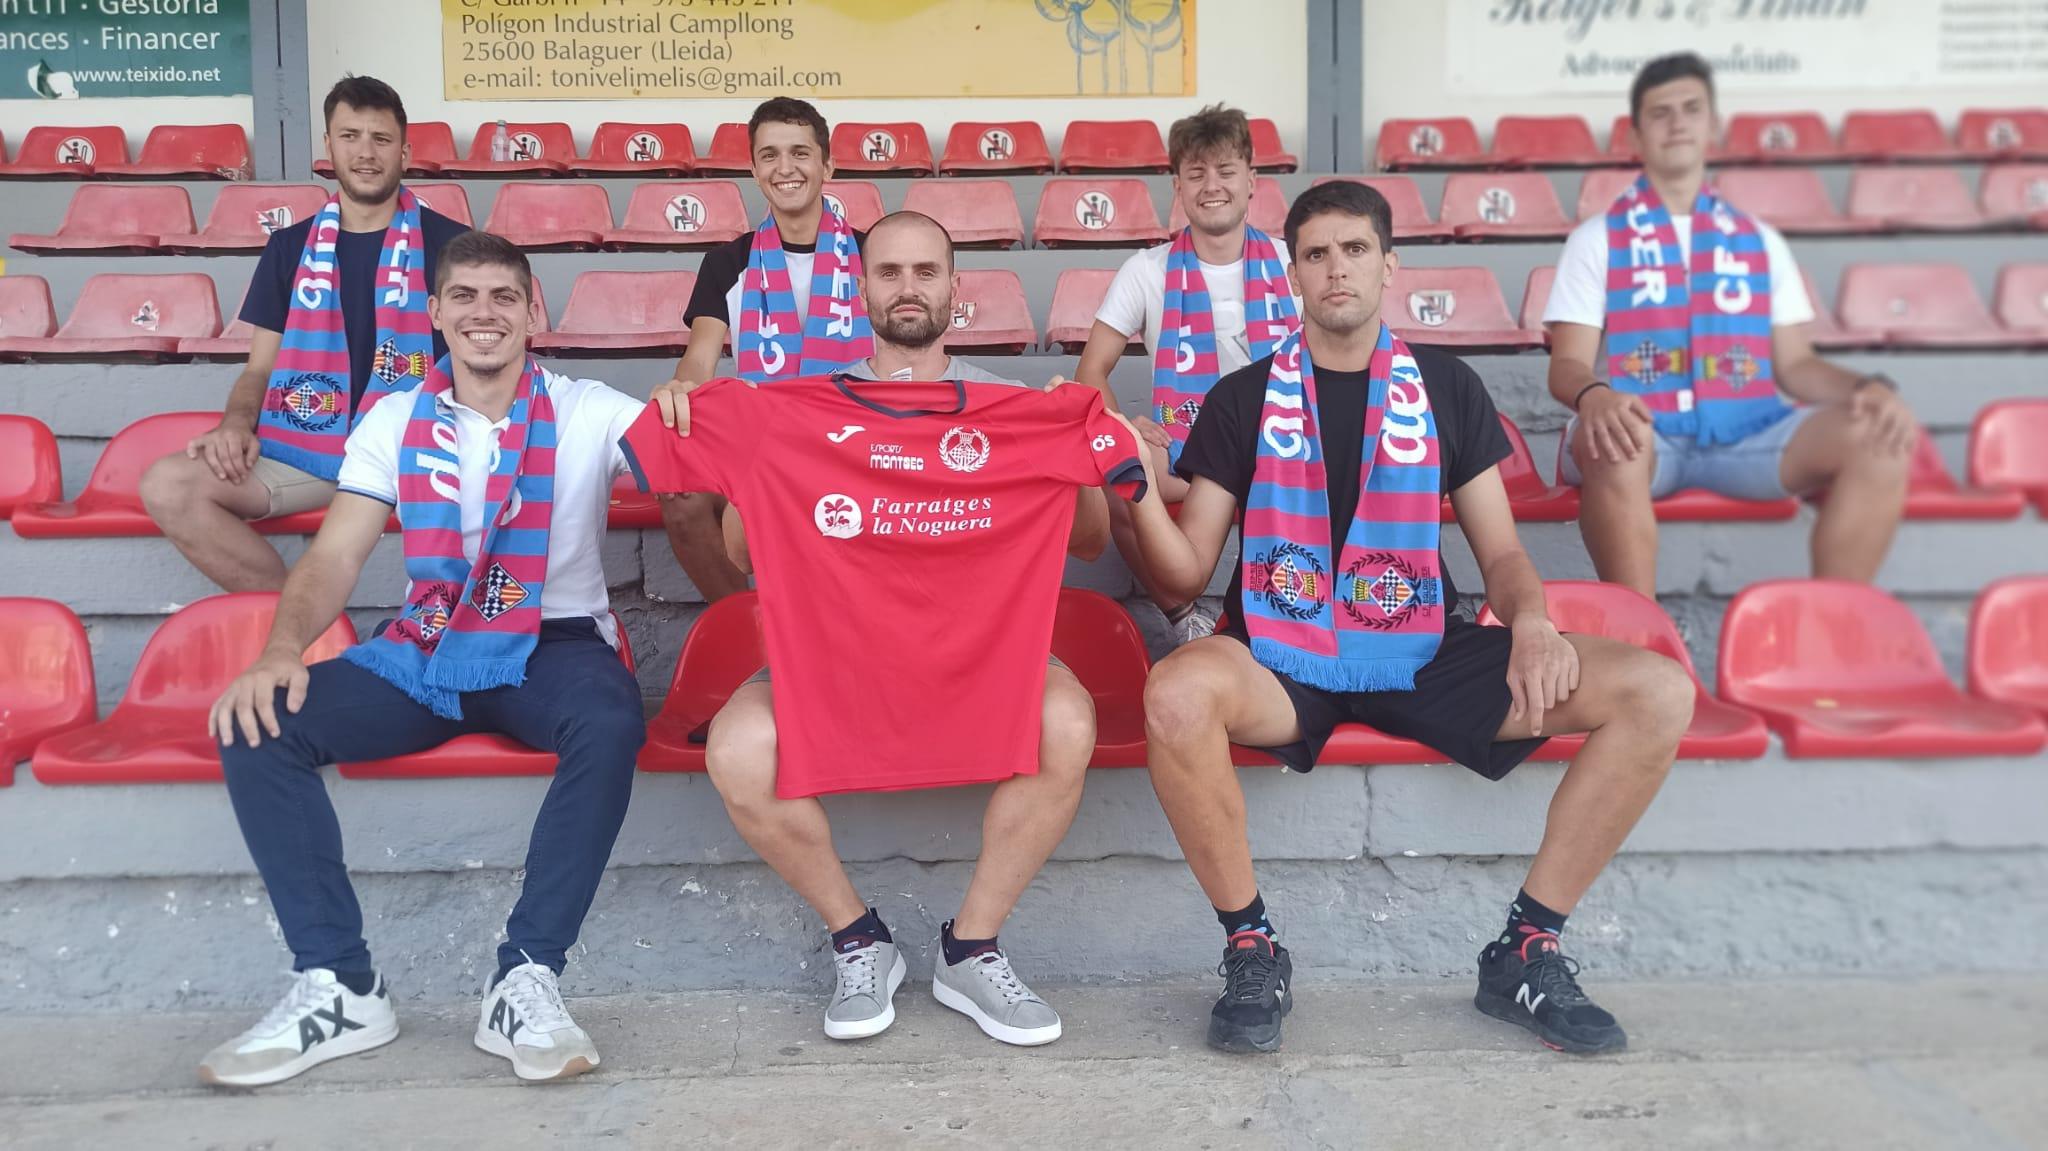 El C.F. Balaguer anuncia la renovació de 13 jugadors pel primer equip